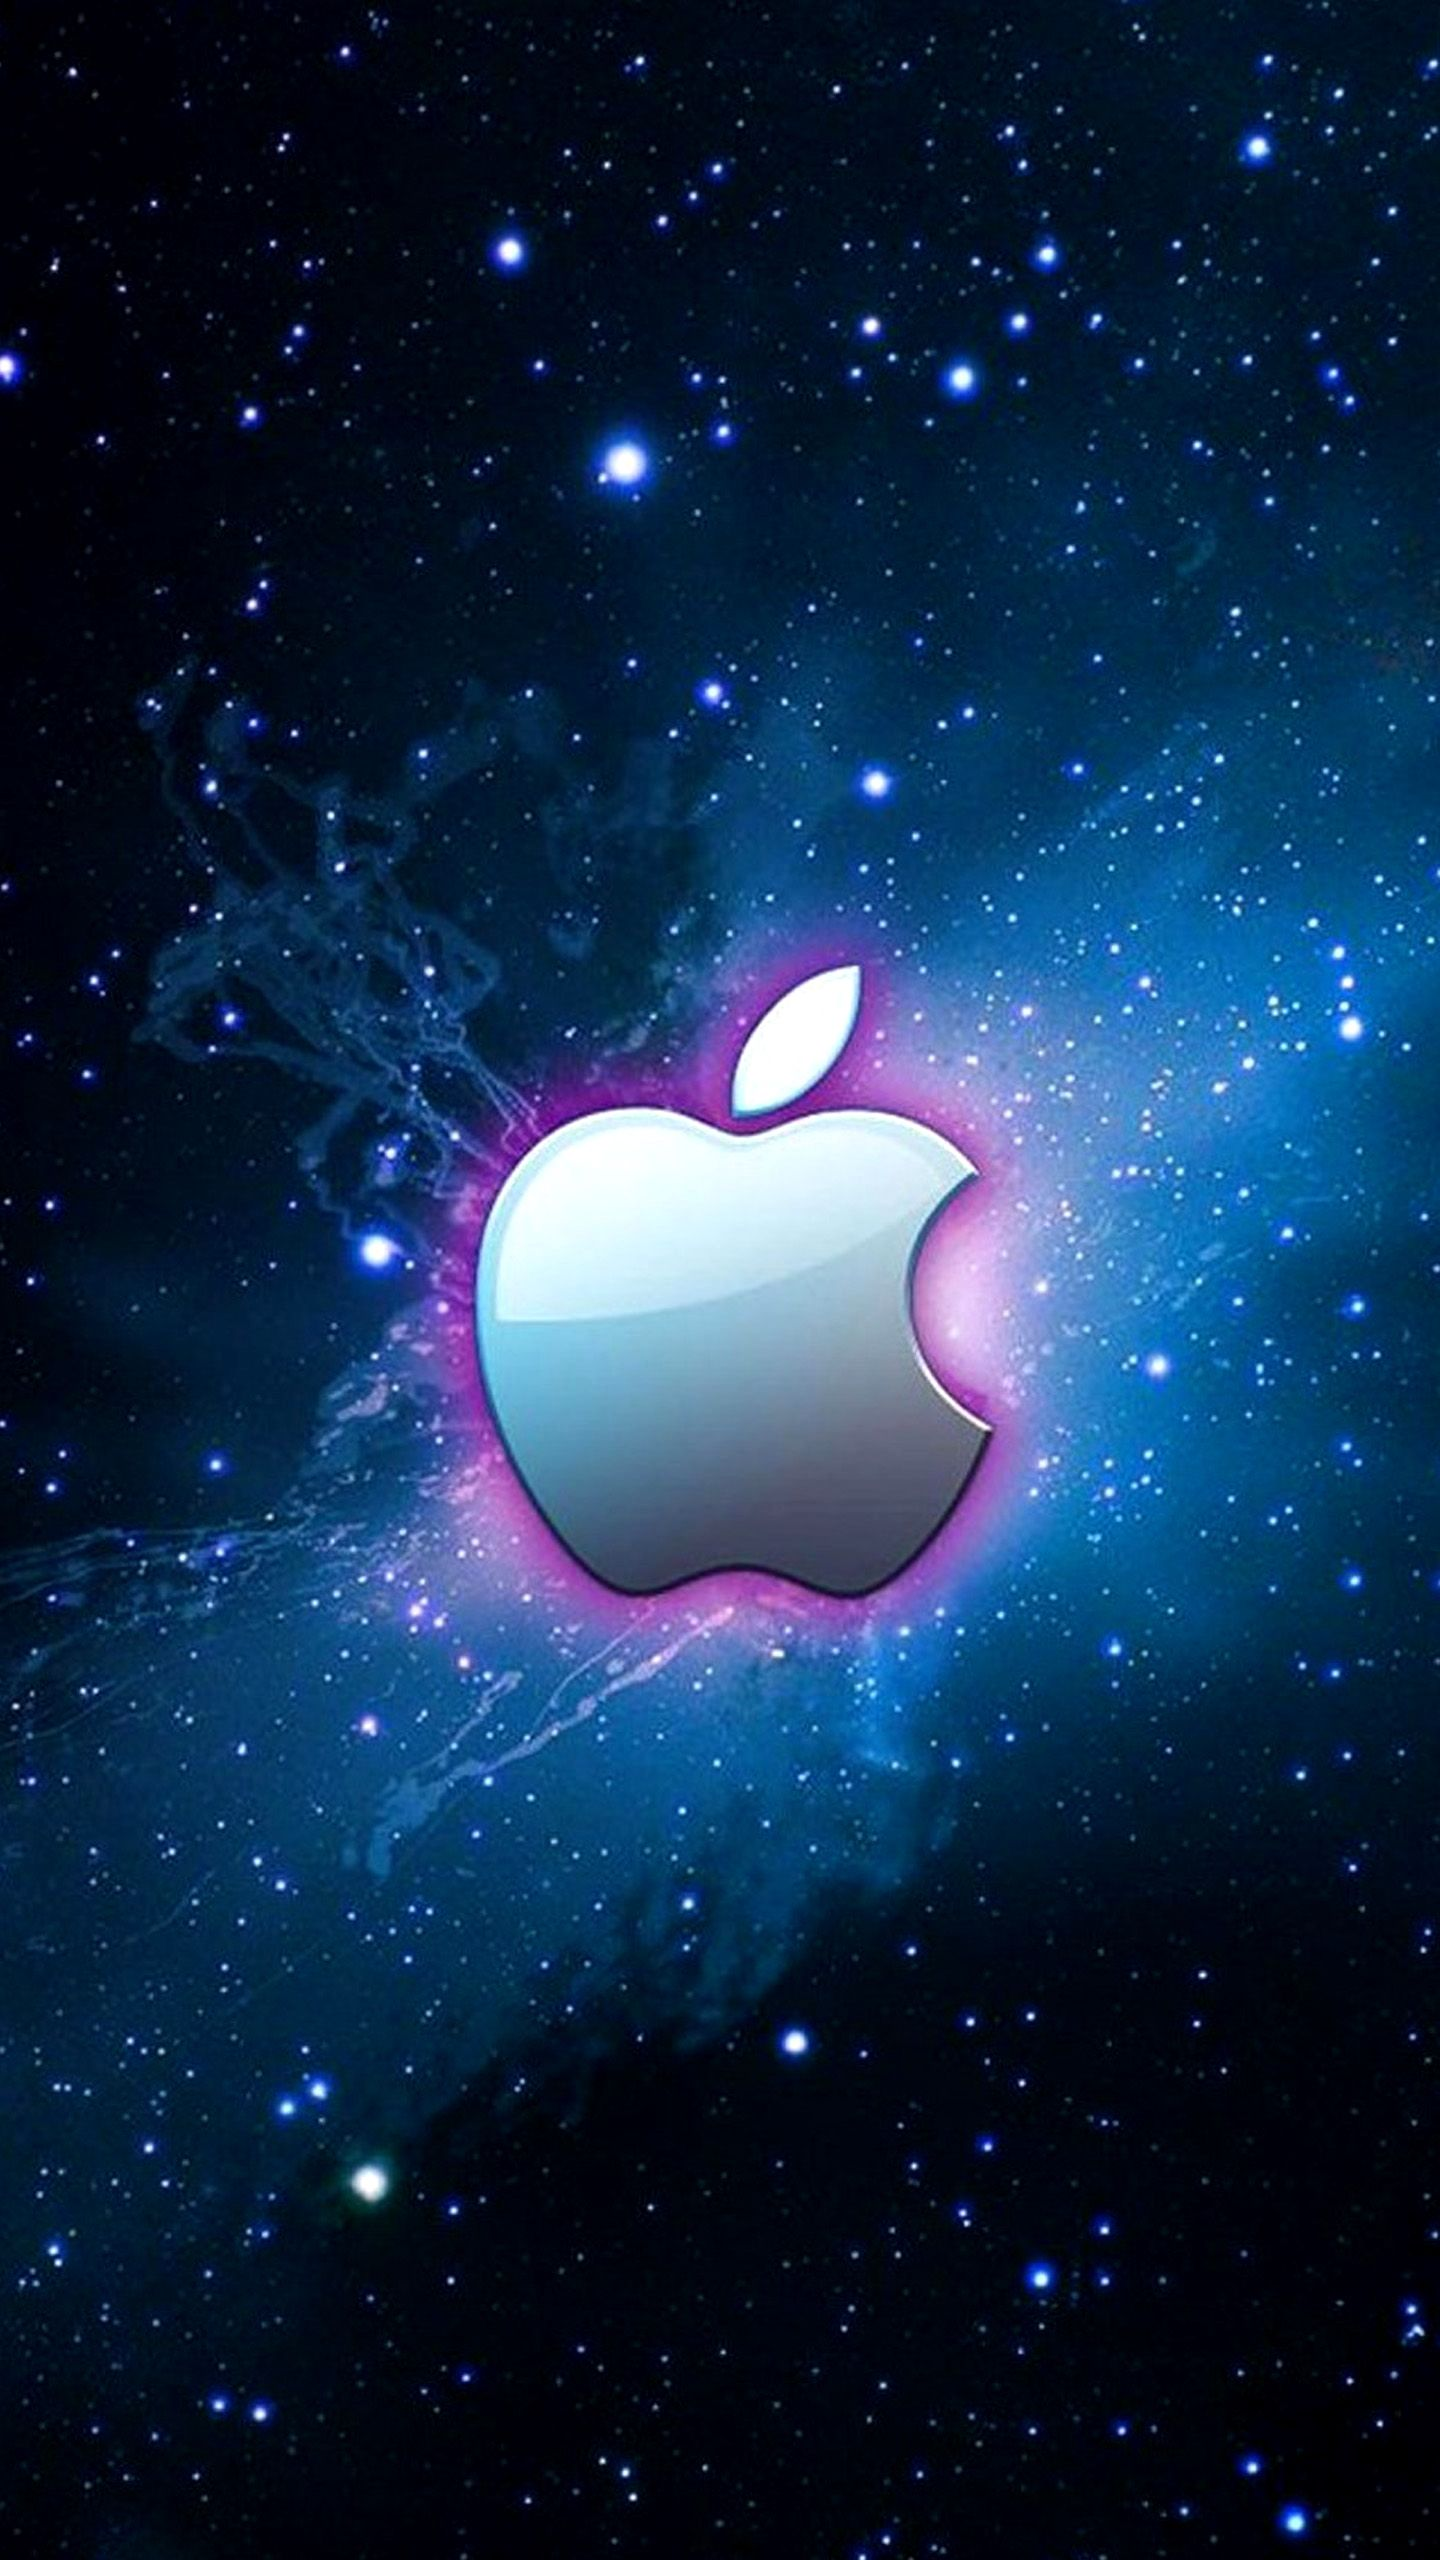 Iphone Wallpaper 4k Apple Logo Ideas In 2020 Apple Wallpaper Iphone Apple Logo Wallpaper Iphone Galaxy Wallpaper